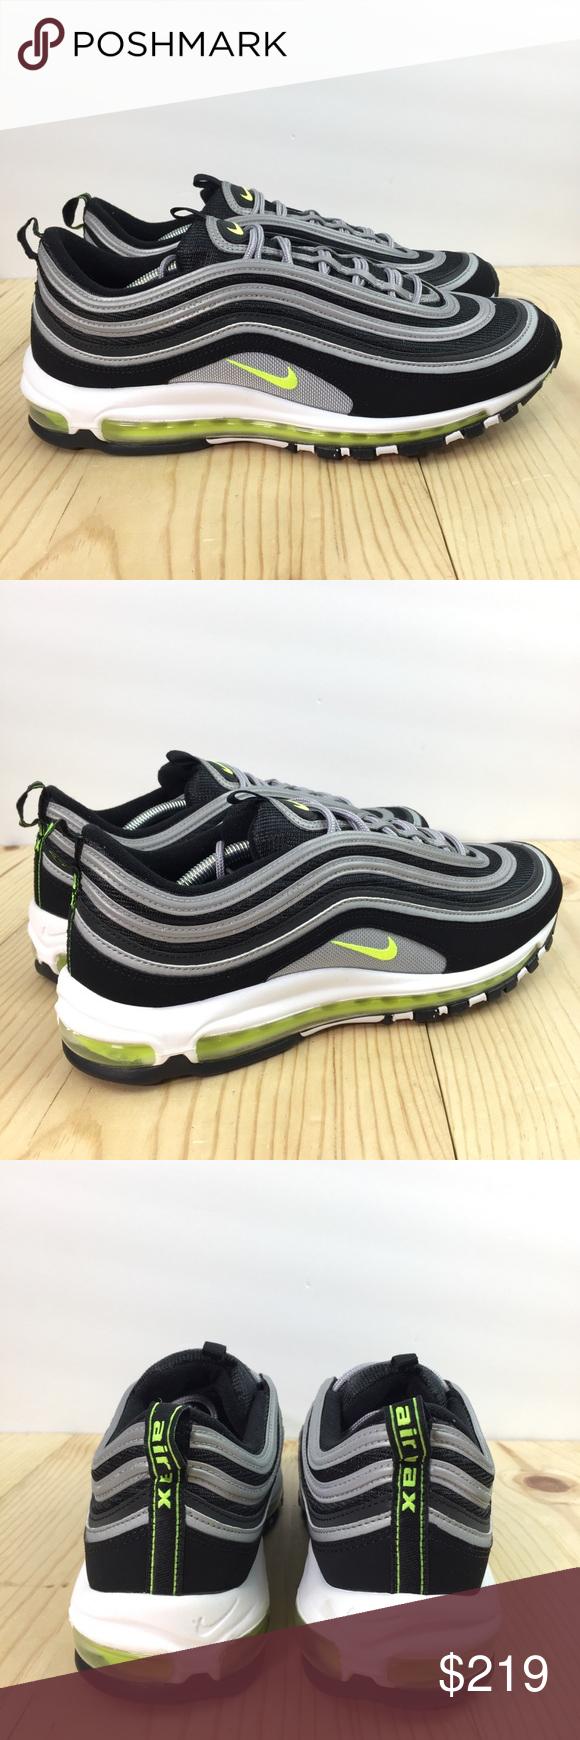 Nike Air Max 97 OG QS Japan Mens Shoes